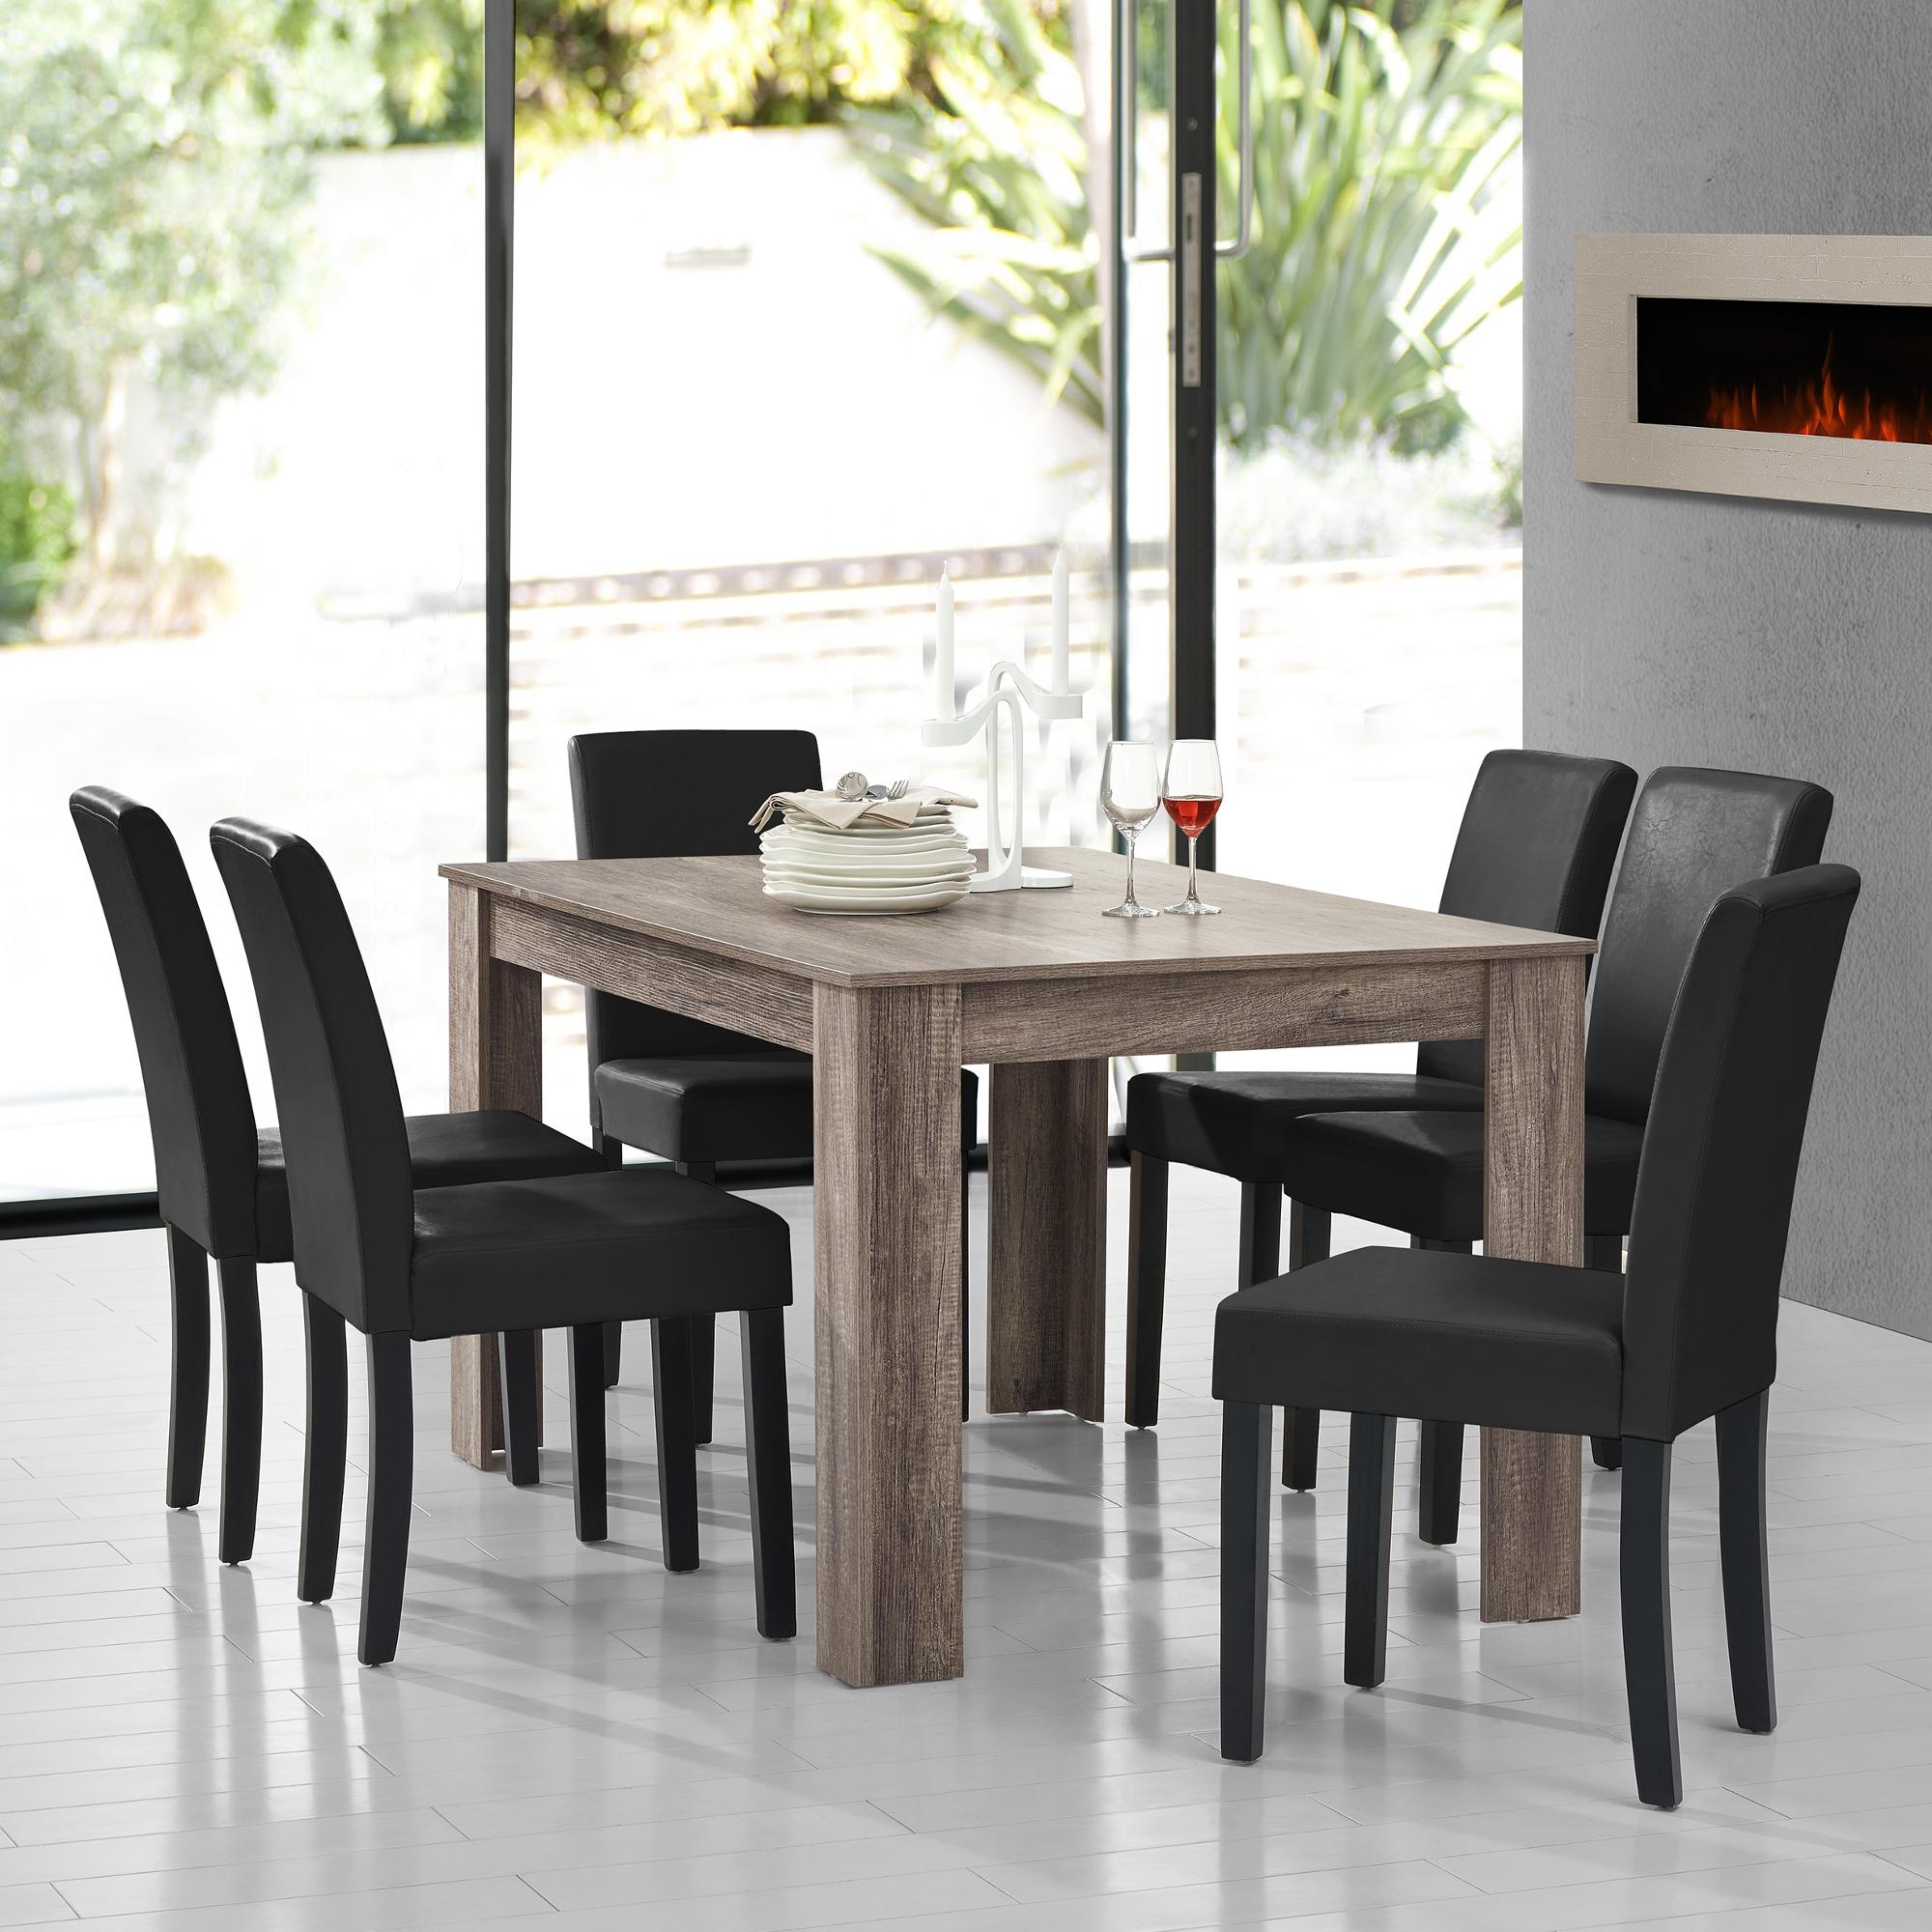 En Casa Dining Table Antique Oak Mit 6 Chairs Black